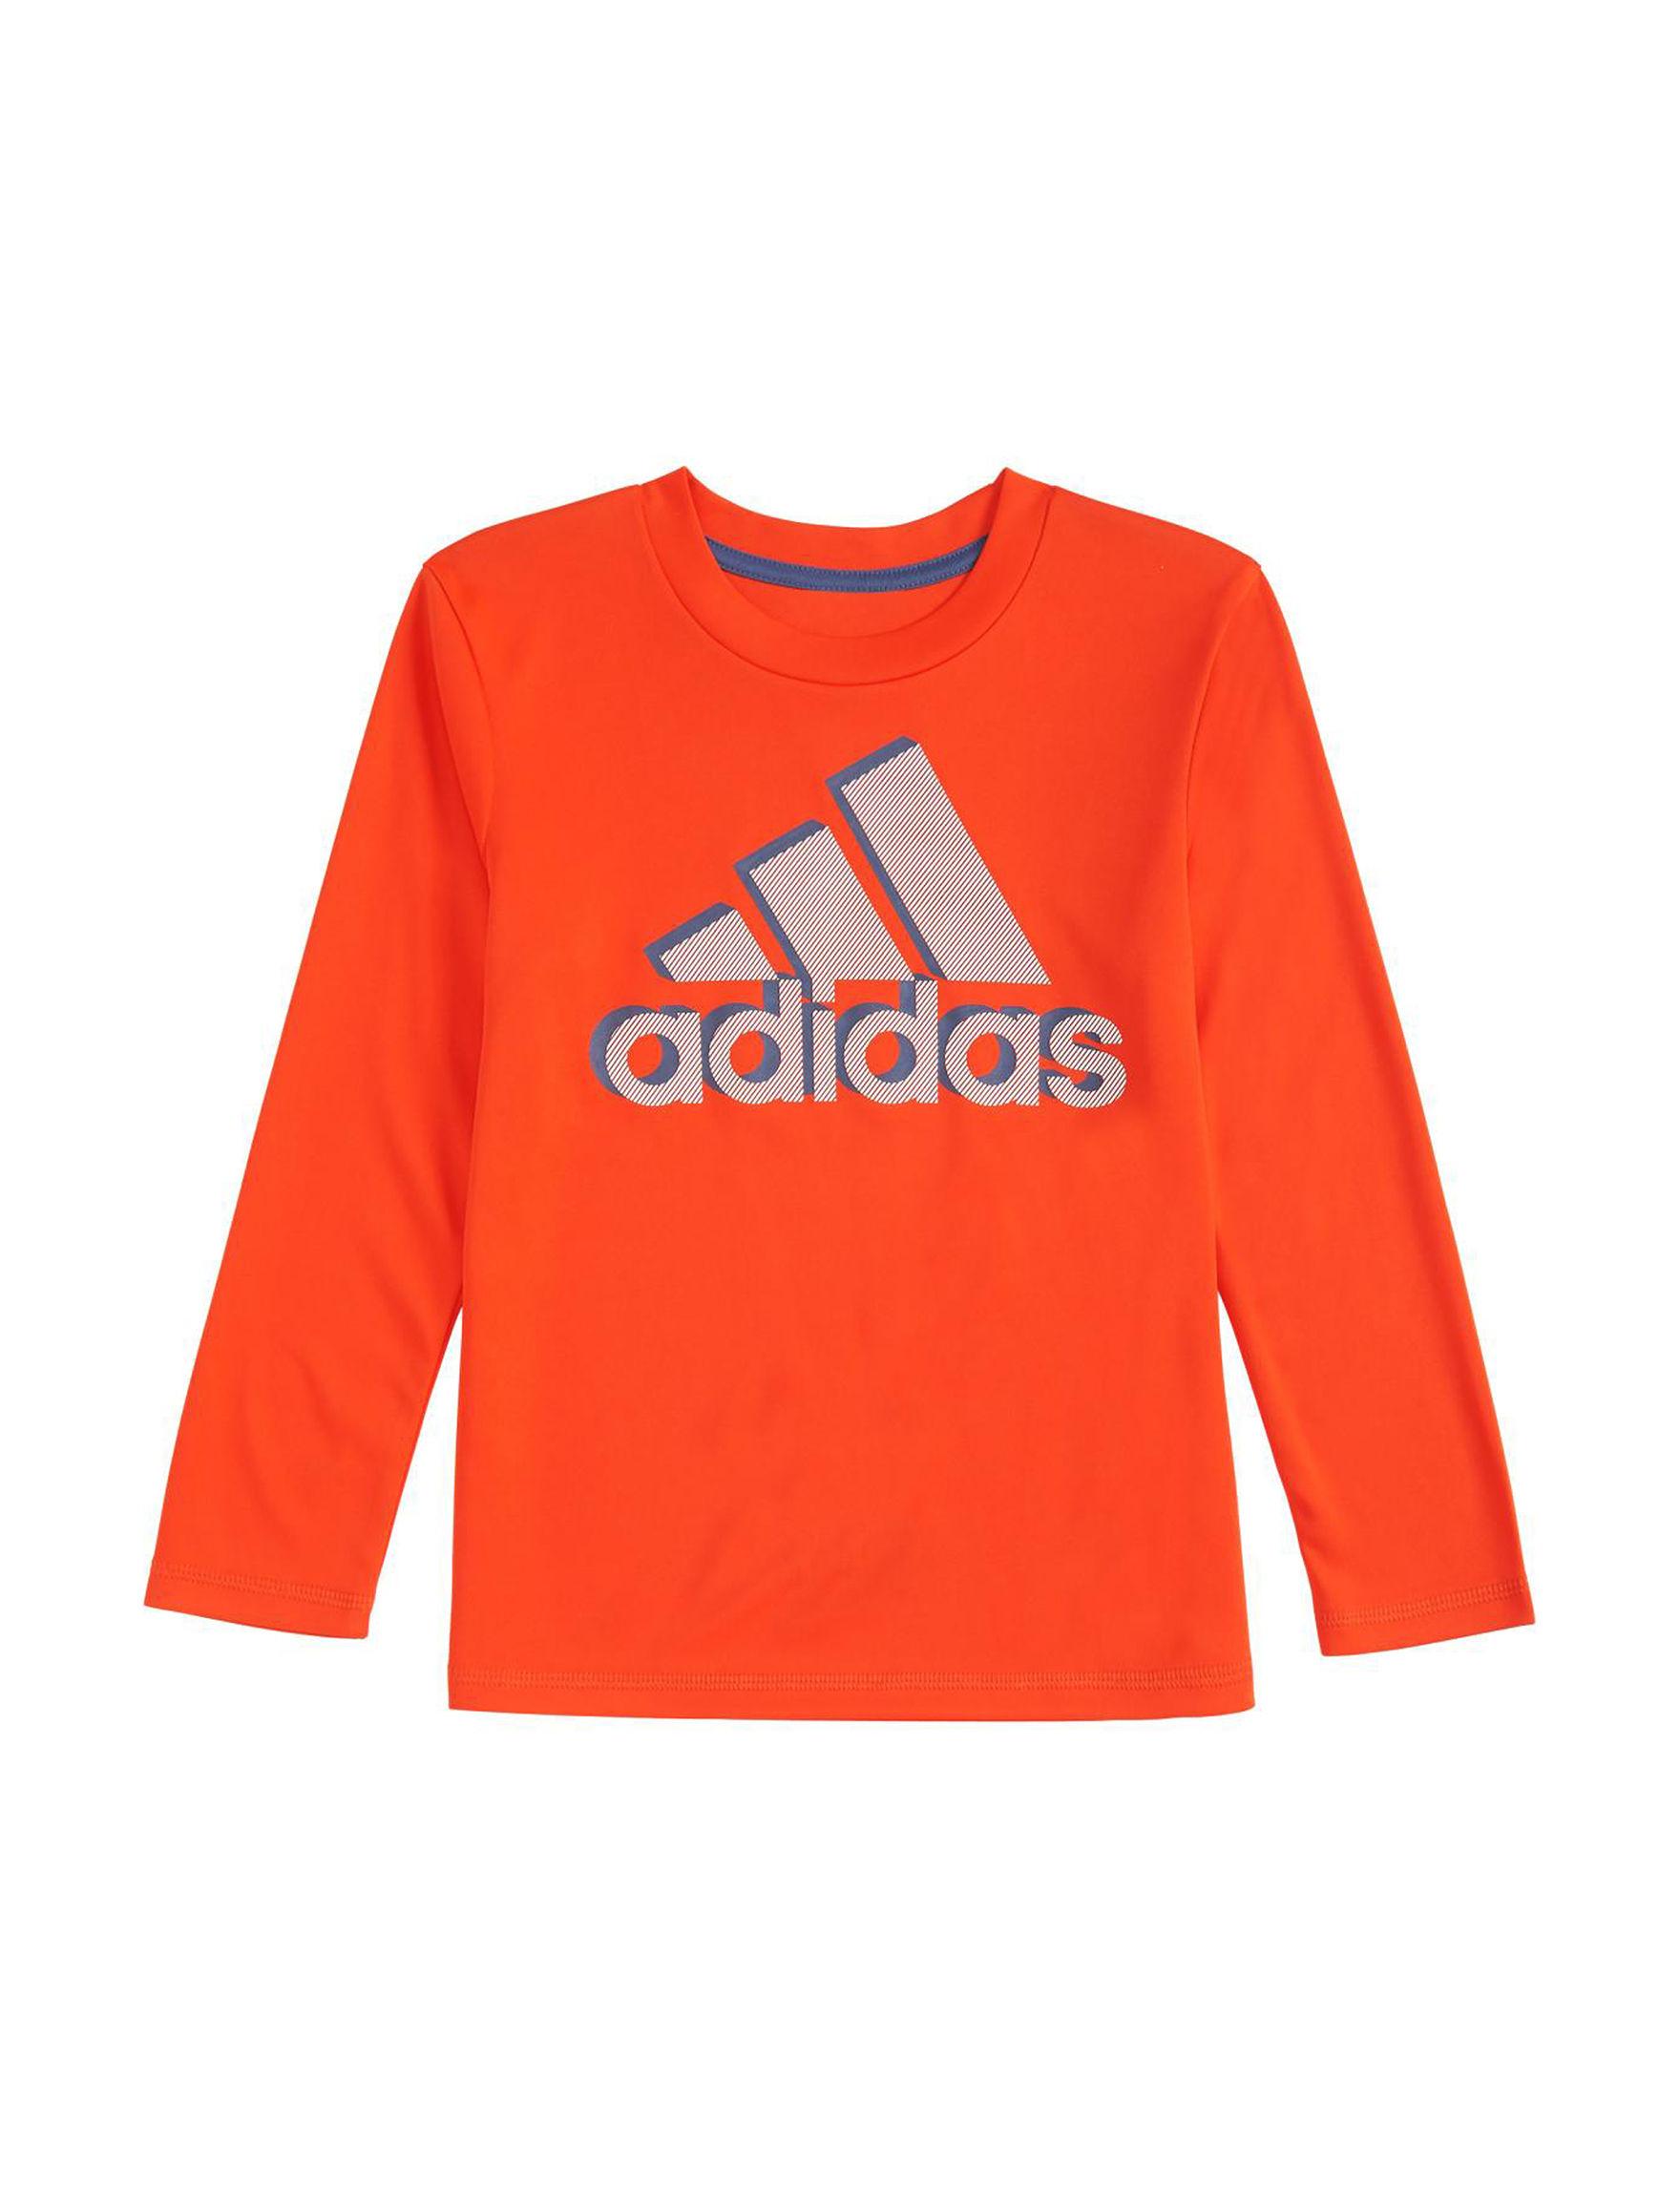 Adidas Bright Orange Tees & Tanks